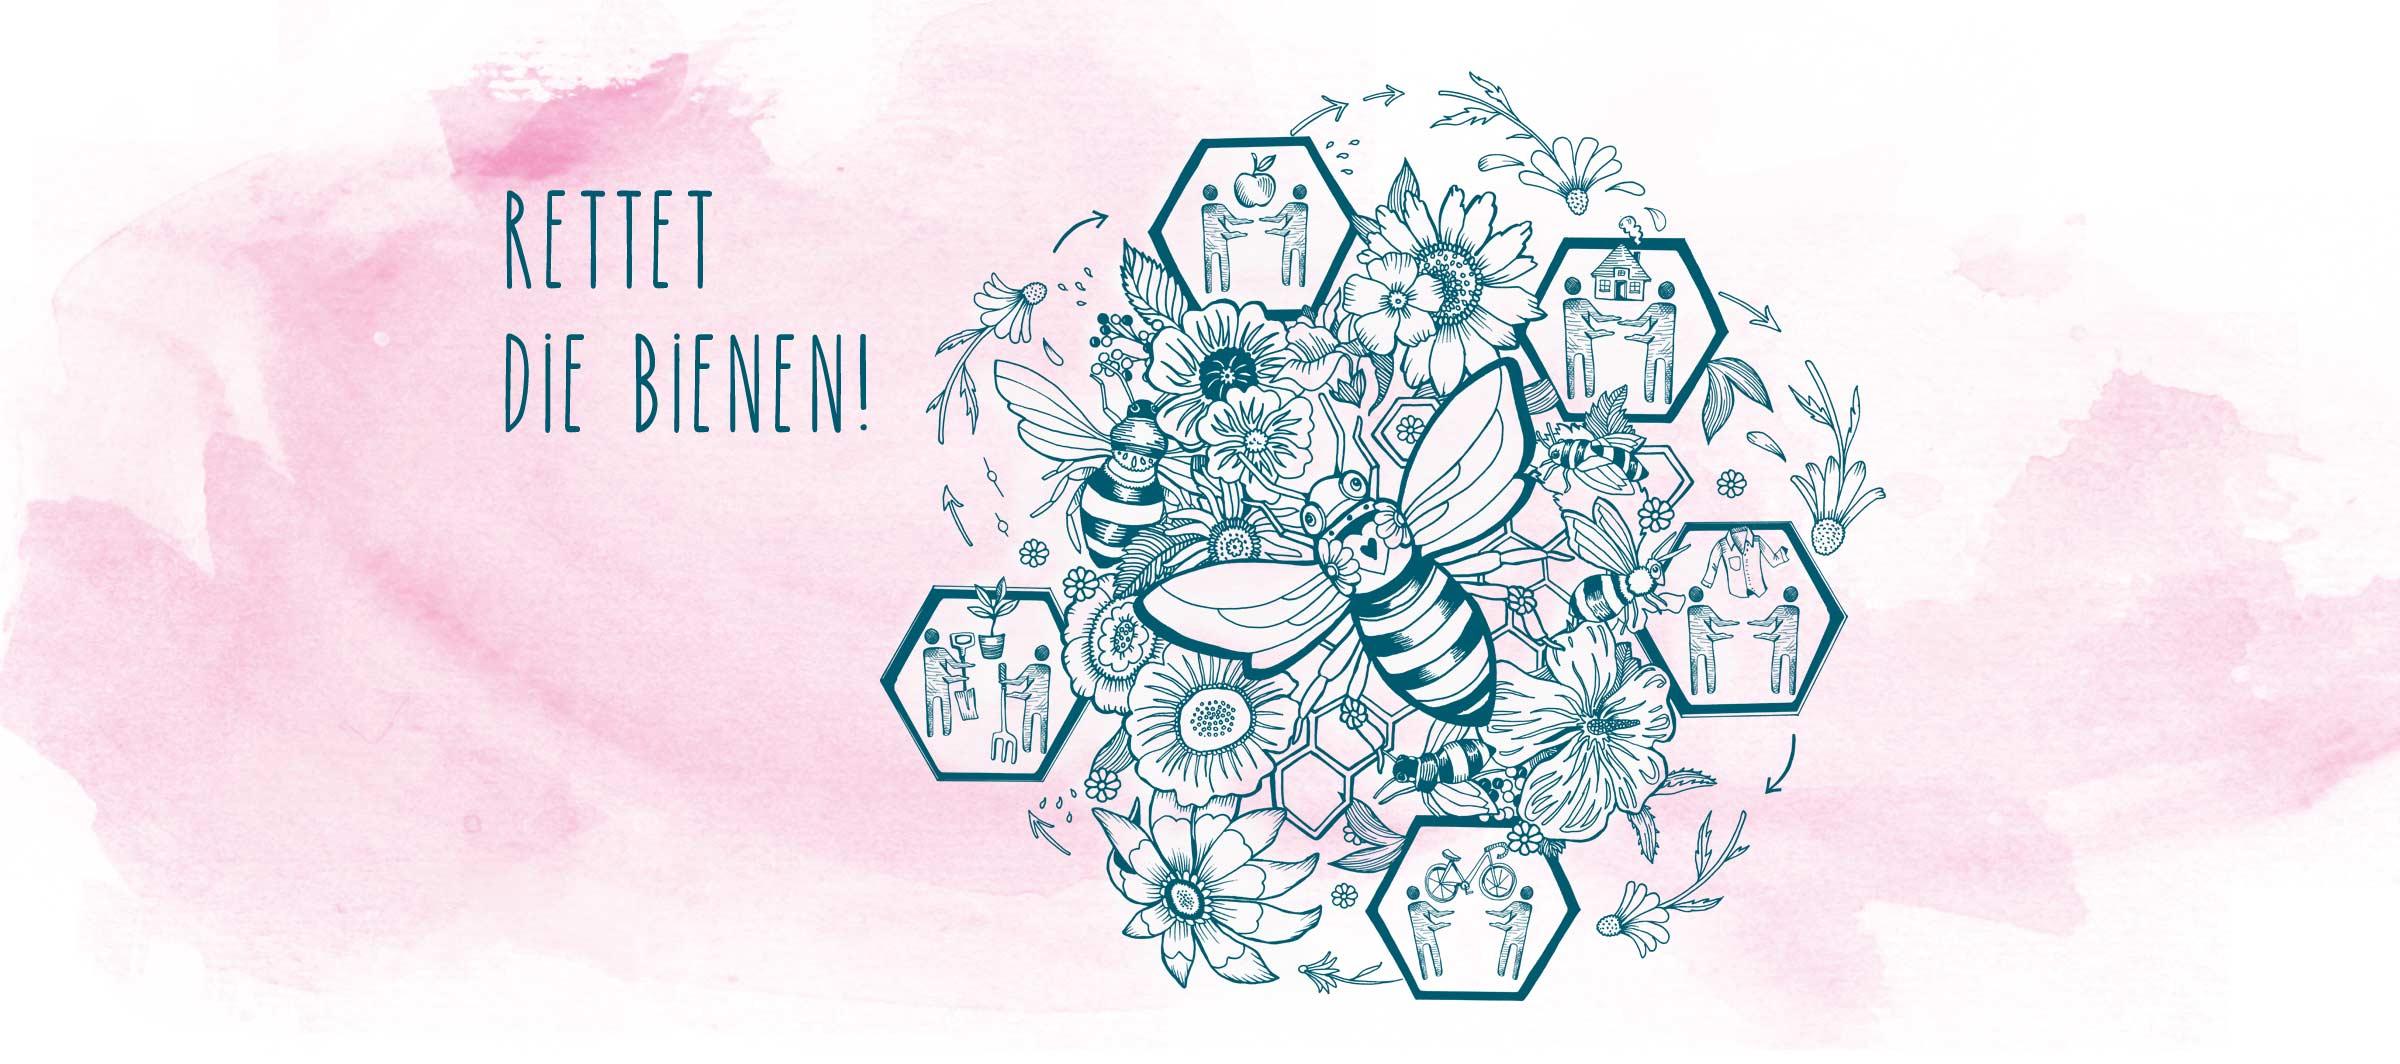 Rettet die Bienen - Tipps zum Bienenschutz von i+m